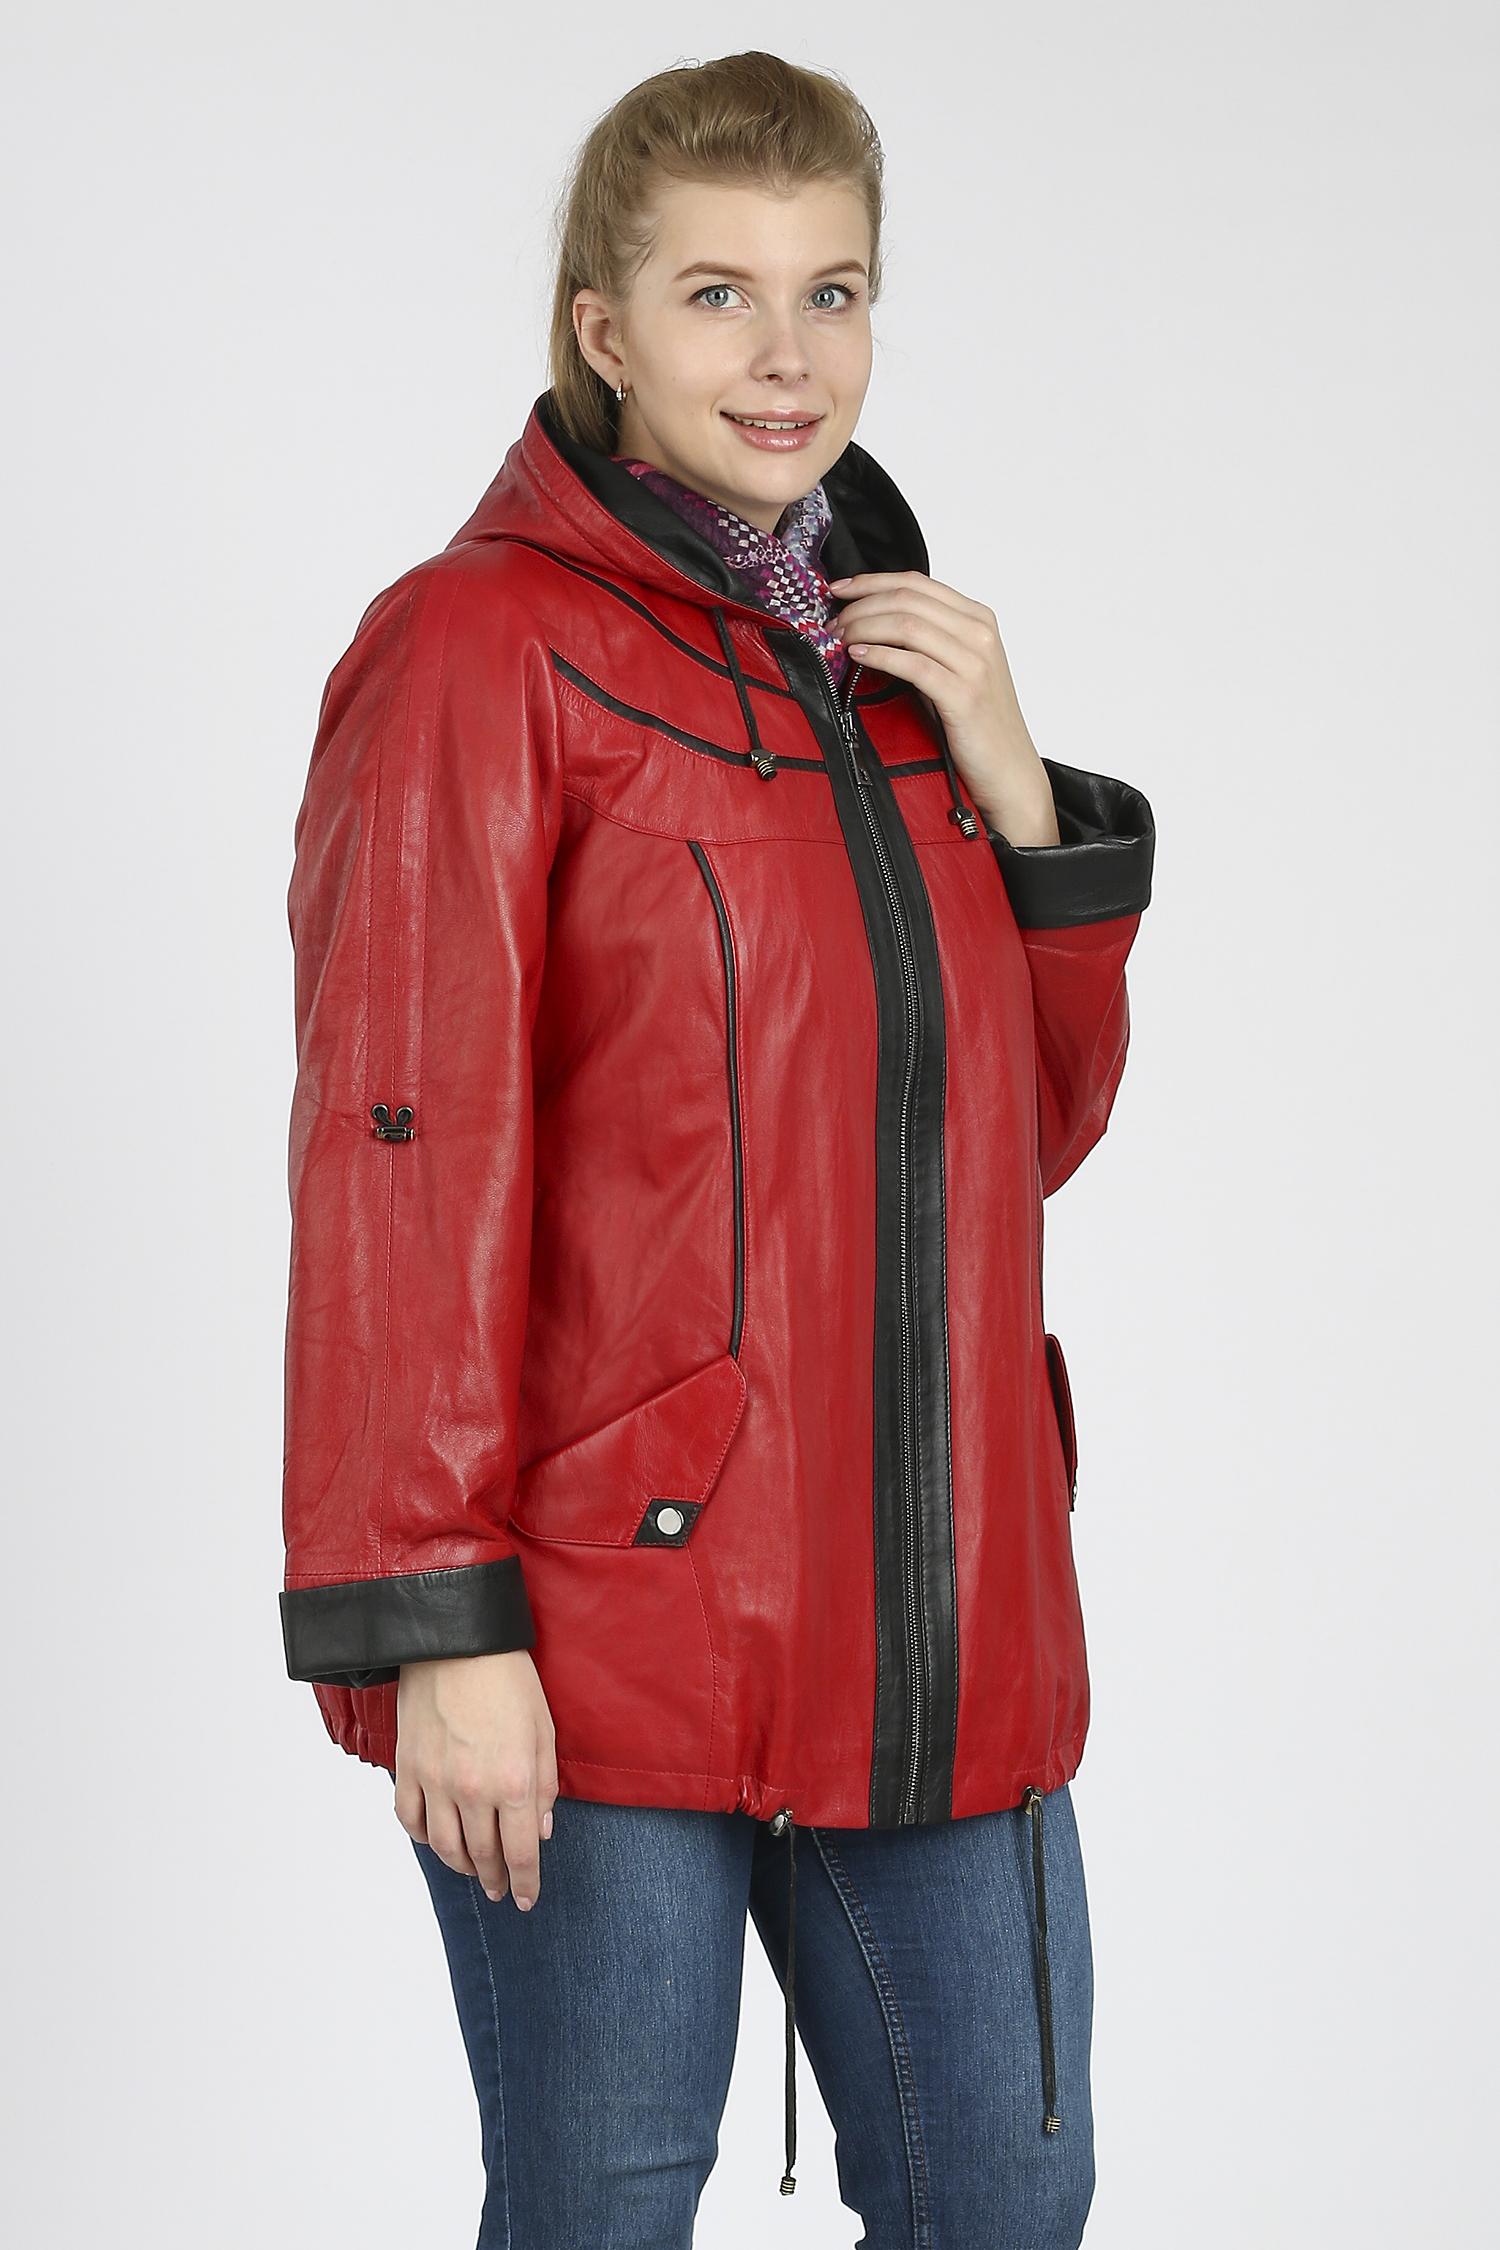 Купить со скидкой Женская кожаная куртка из натуральной кожи с капюшоном, без отделки